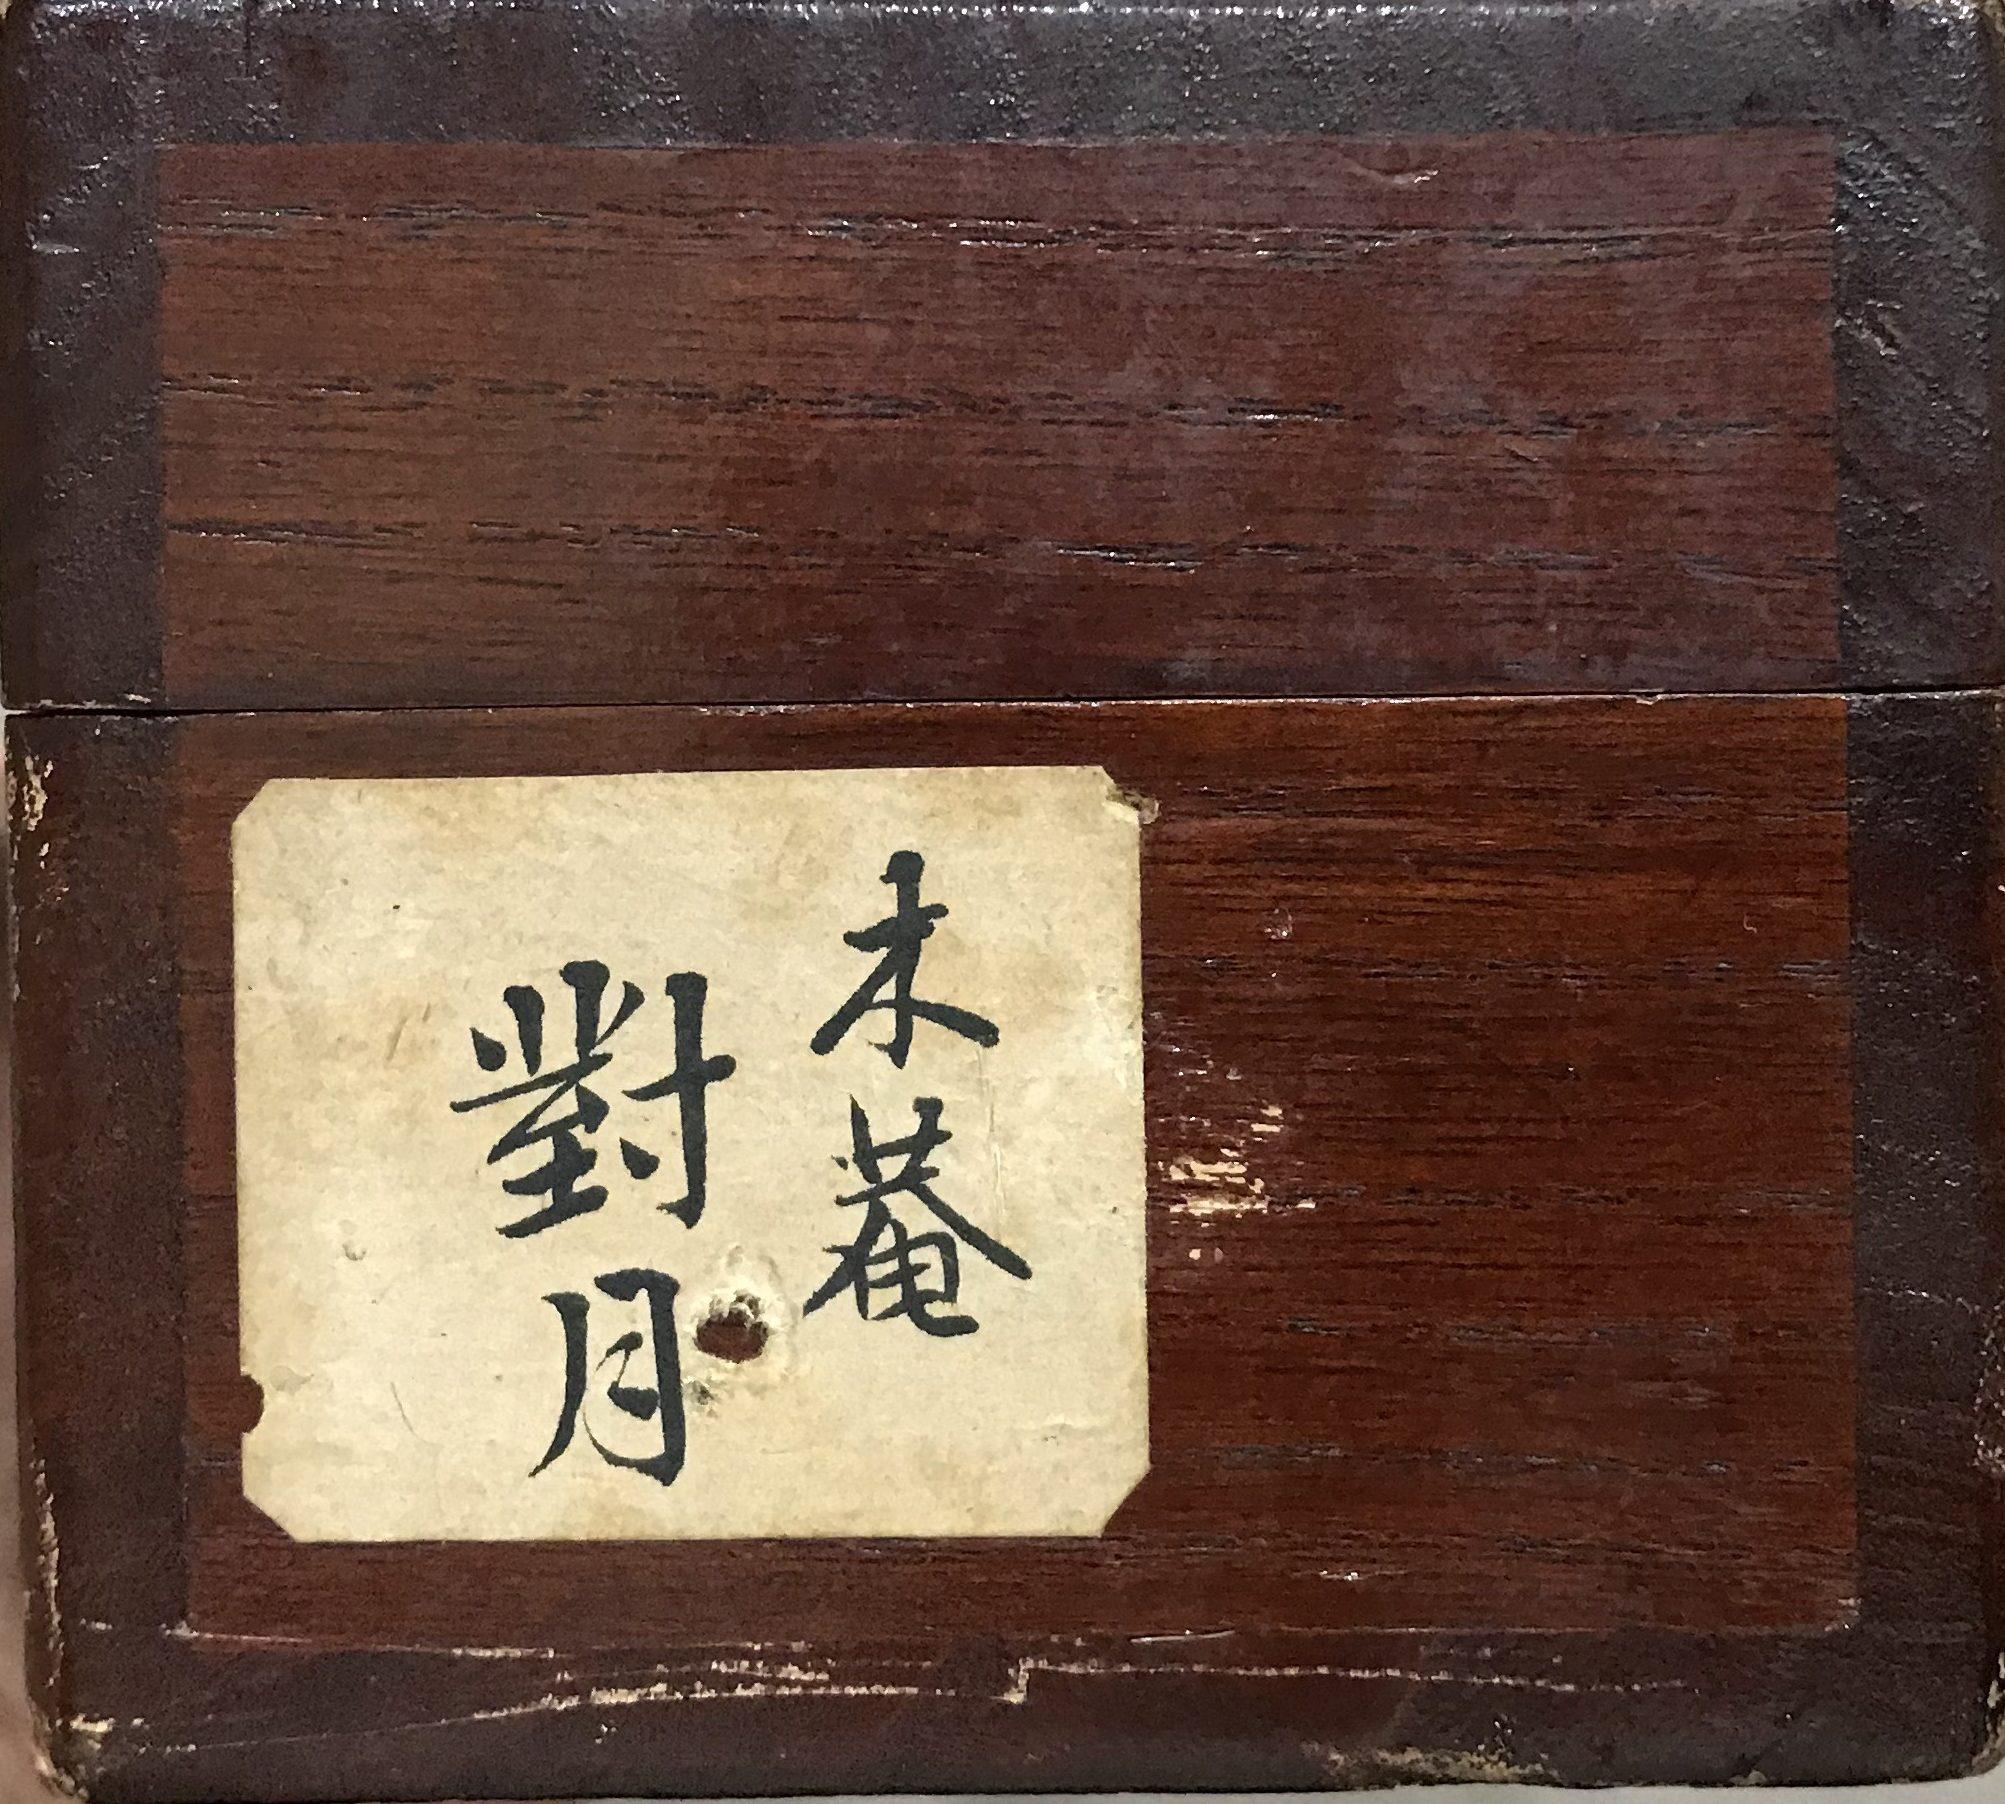 黄檗僧・木庵性瑫 筆 対月図画賛